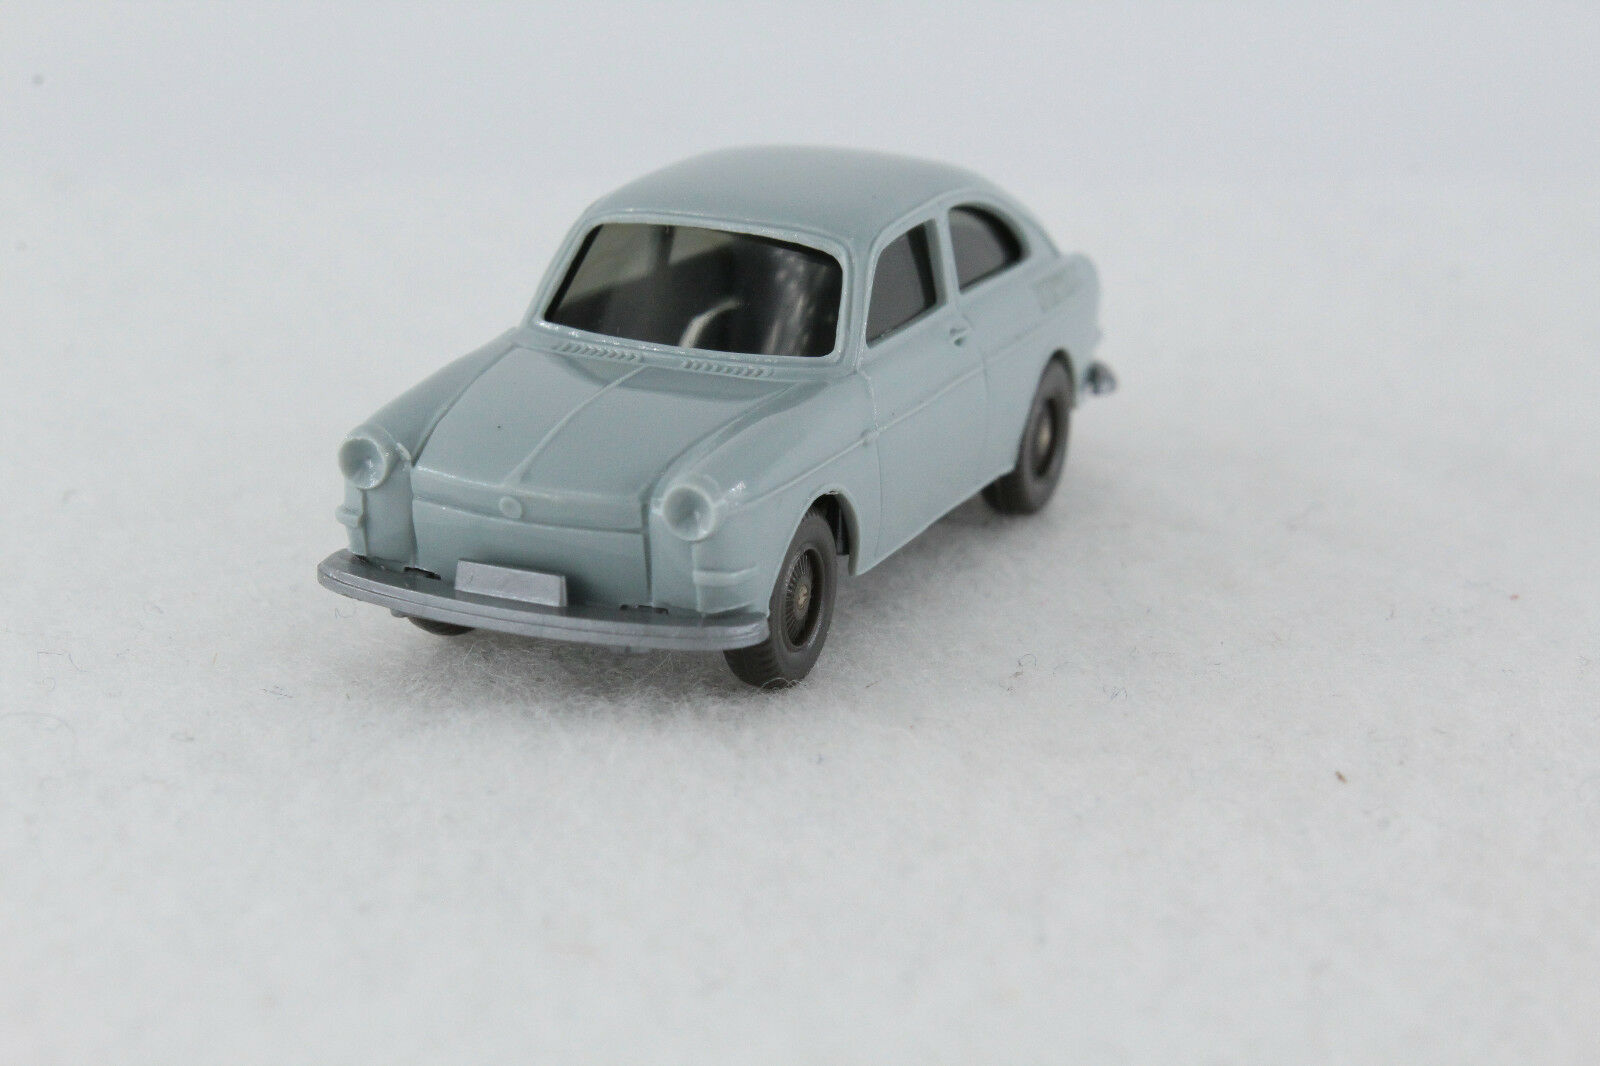 A.S.S WIKING ALTER VW 1500 1600 TL HELLBLAUGRAU 1970 GK 43a 1K CS 309 4M 1WTOP  | Hochwertige Produkte